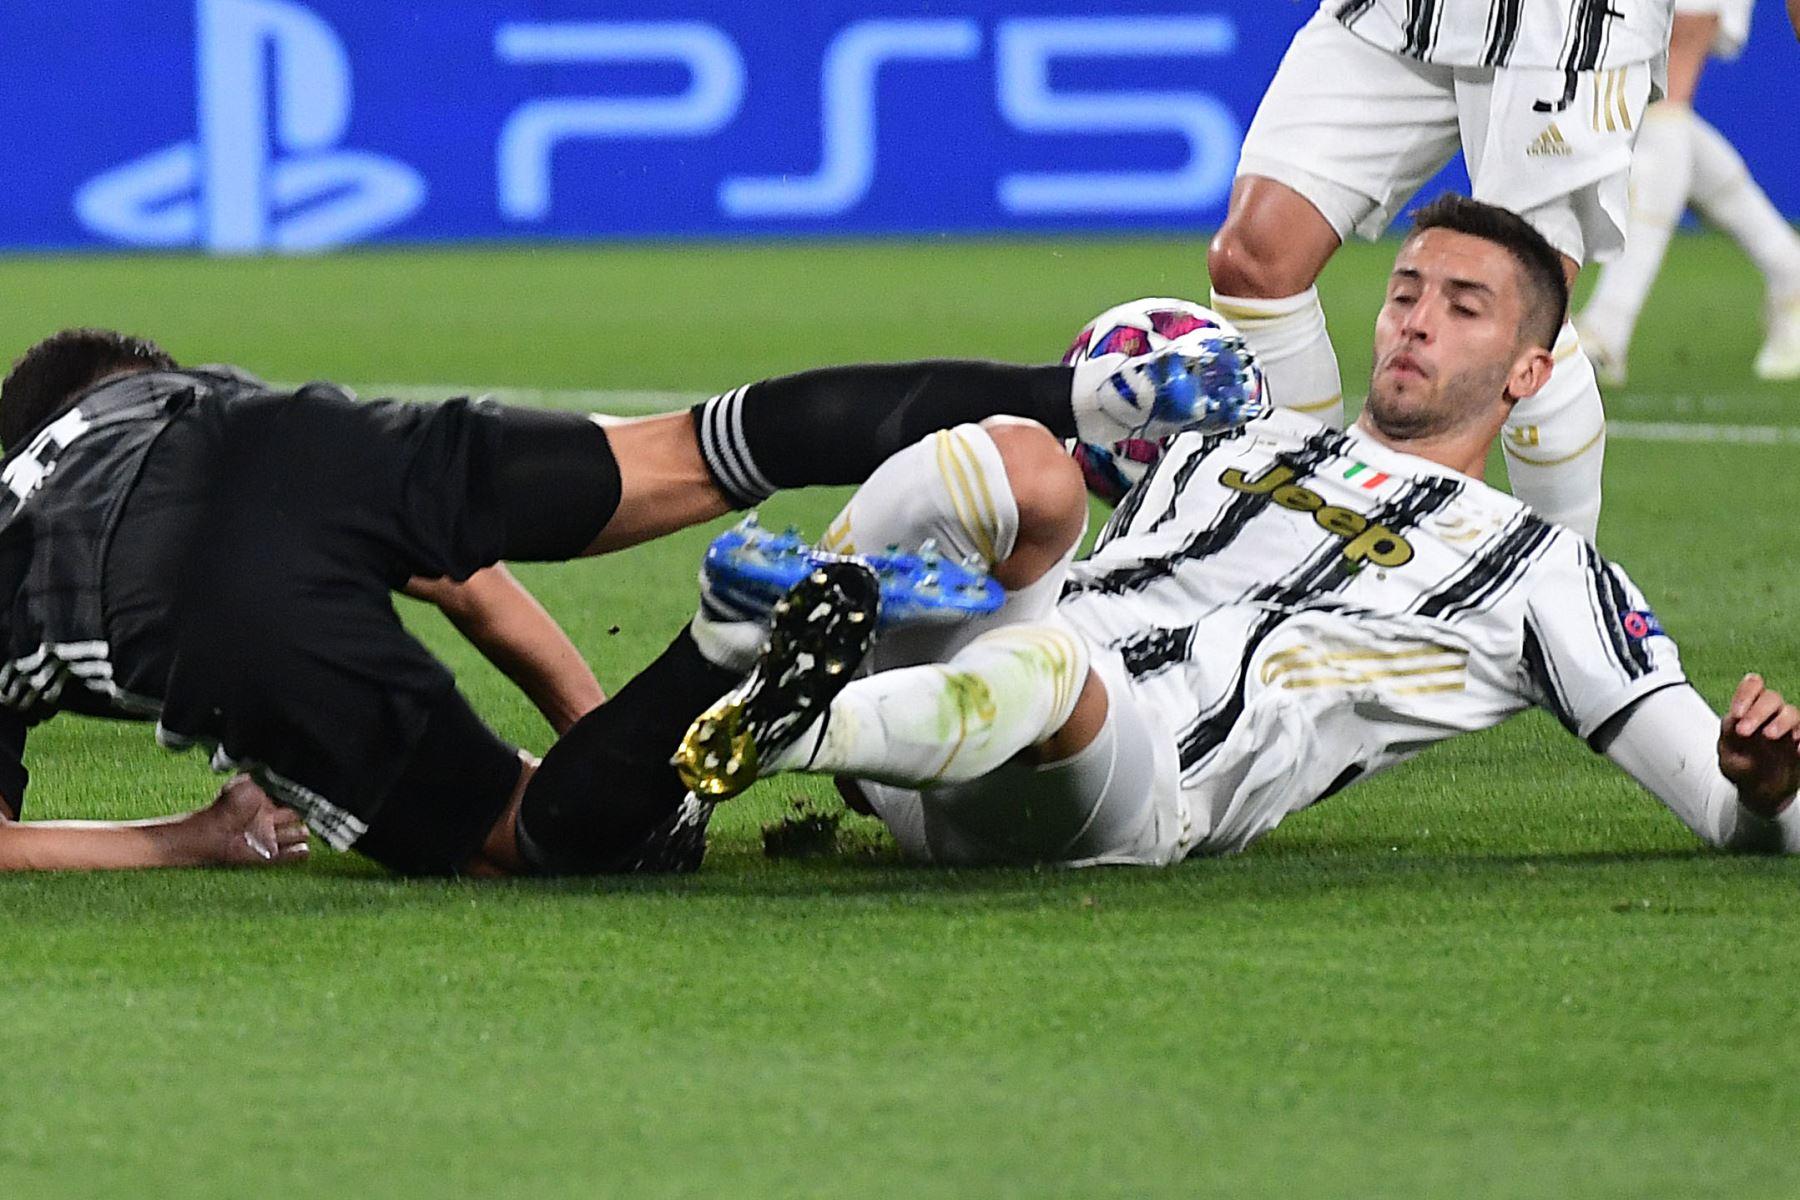 El centrocampista francés del Lyon Houssem Aouar  recibe una falta del centrocampista uruguayo de la Juventus Rodrigo Bentancur durante los octavos de final de la Liga de Campeones de la UEFA del partido de vuelta entre la Juventus y el  Lyon. Foto: AFP